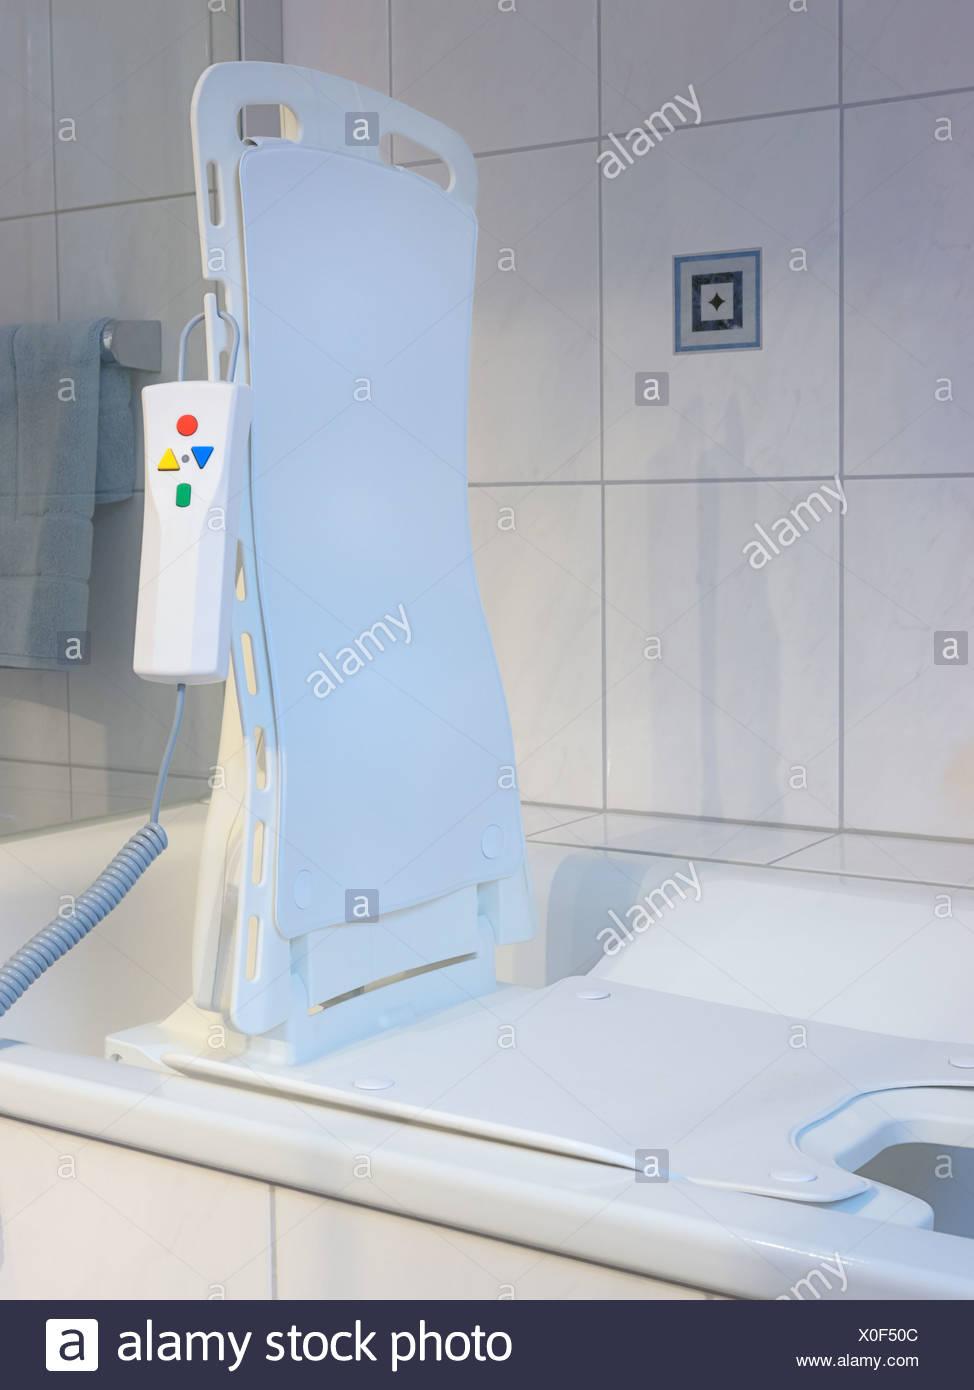 Electric Bath Control Stock Photos & Electric Bath Control Stock ...